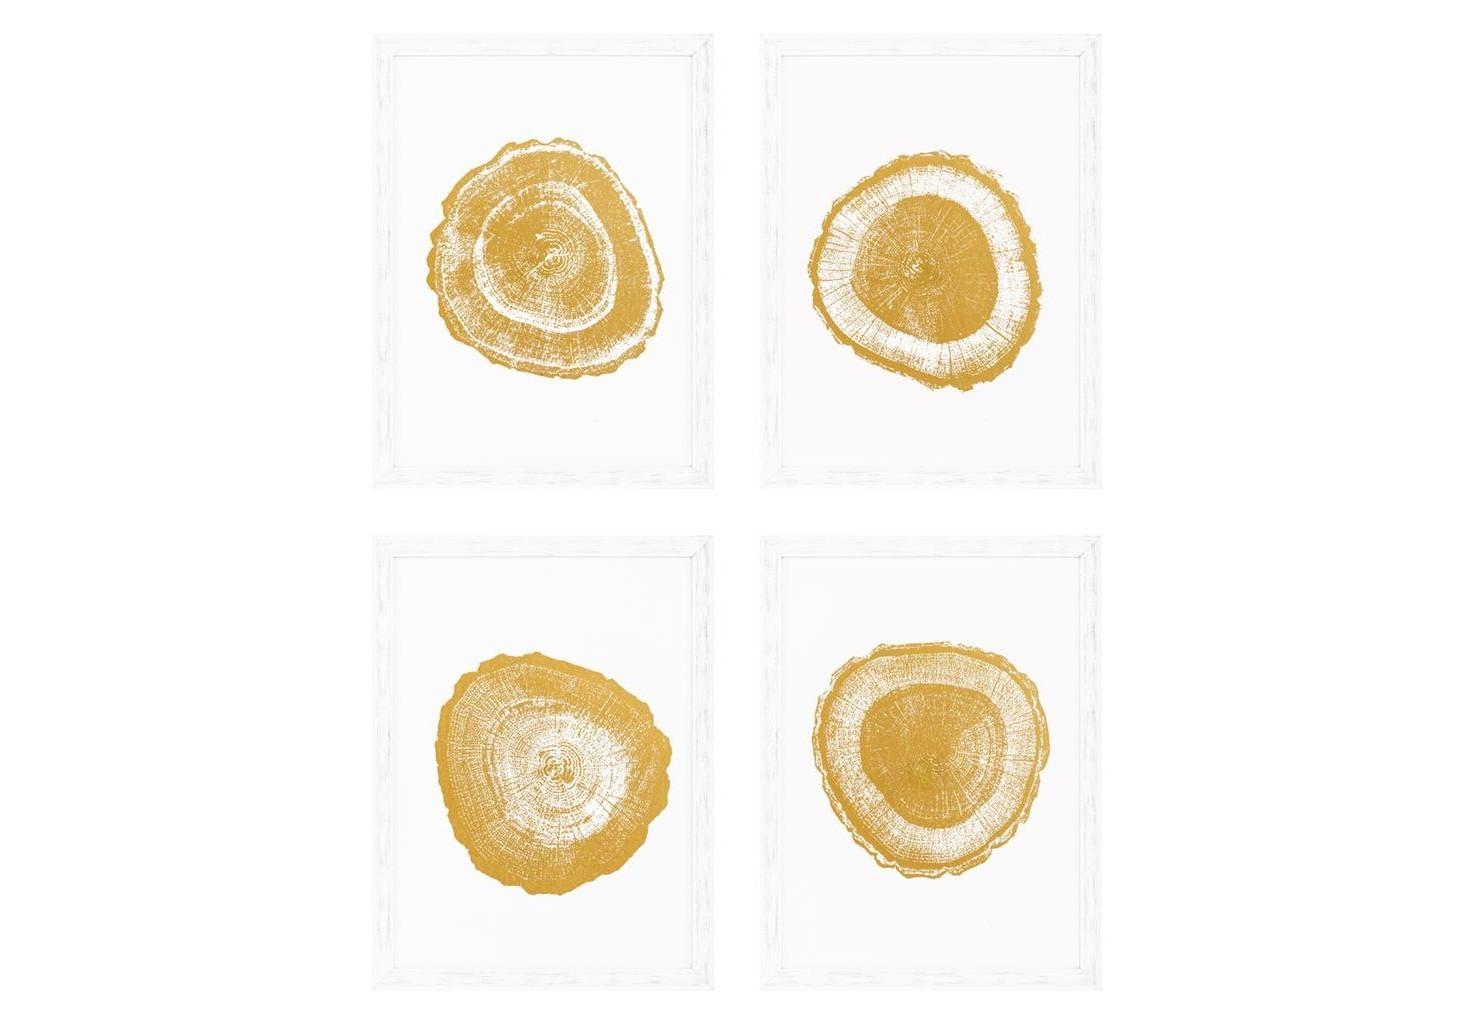 КартинаКартины<br>Коллаж из 4-х постеров под стеклом Prints Gold Foil: Tree Rings set of 4 с изображением разрезов дерева. Рама выполнена из дерева белого цвета.<br><br>Material: Дерево<br>Ширина см: 61<br>Высота см: 81